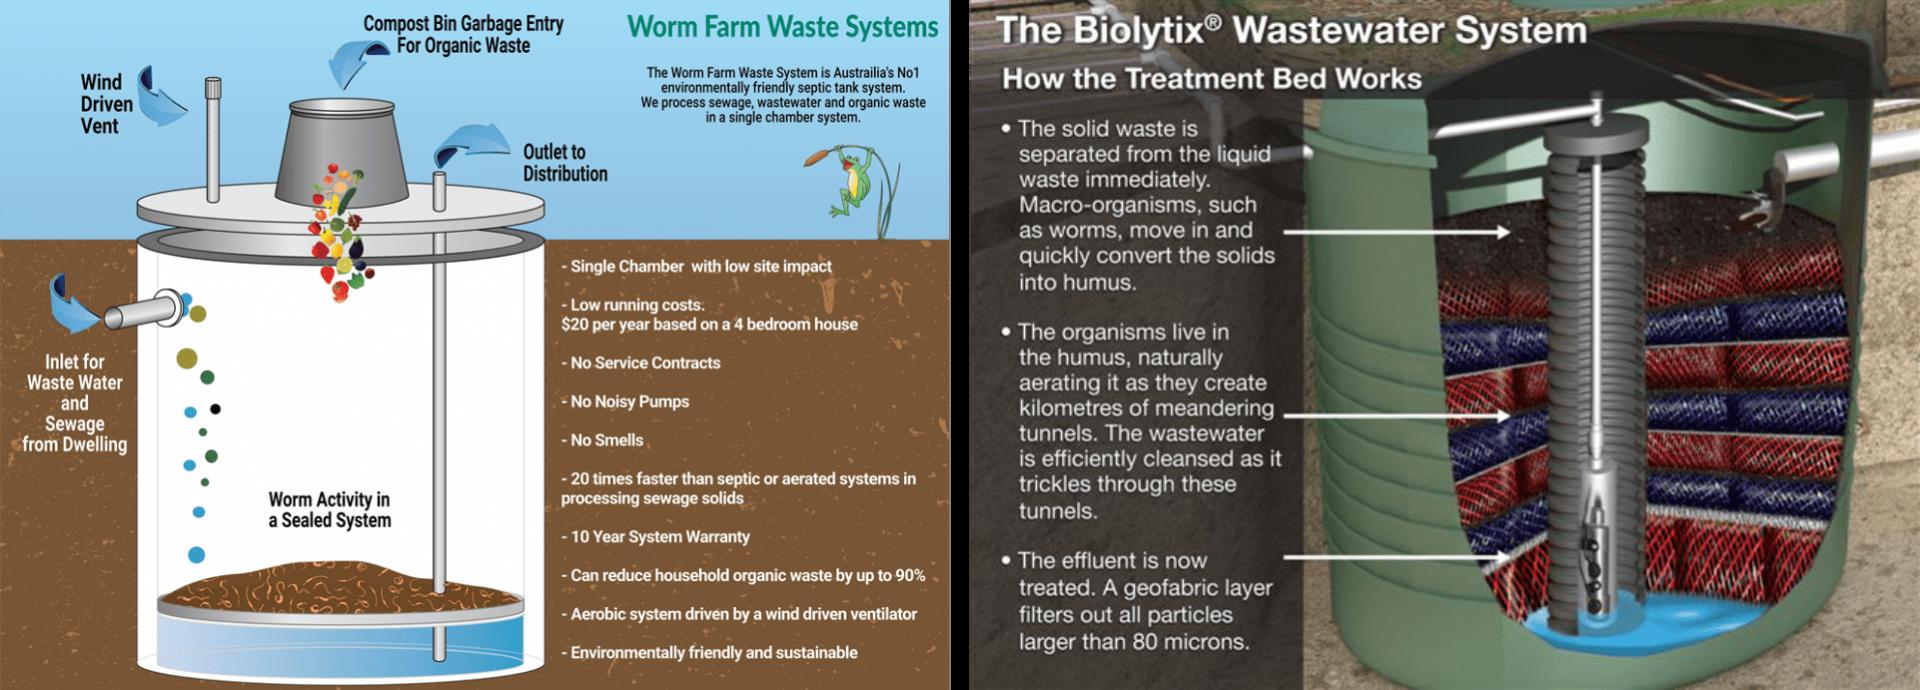 Biolytix & Worm Farm Waste System